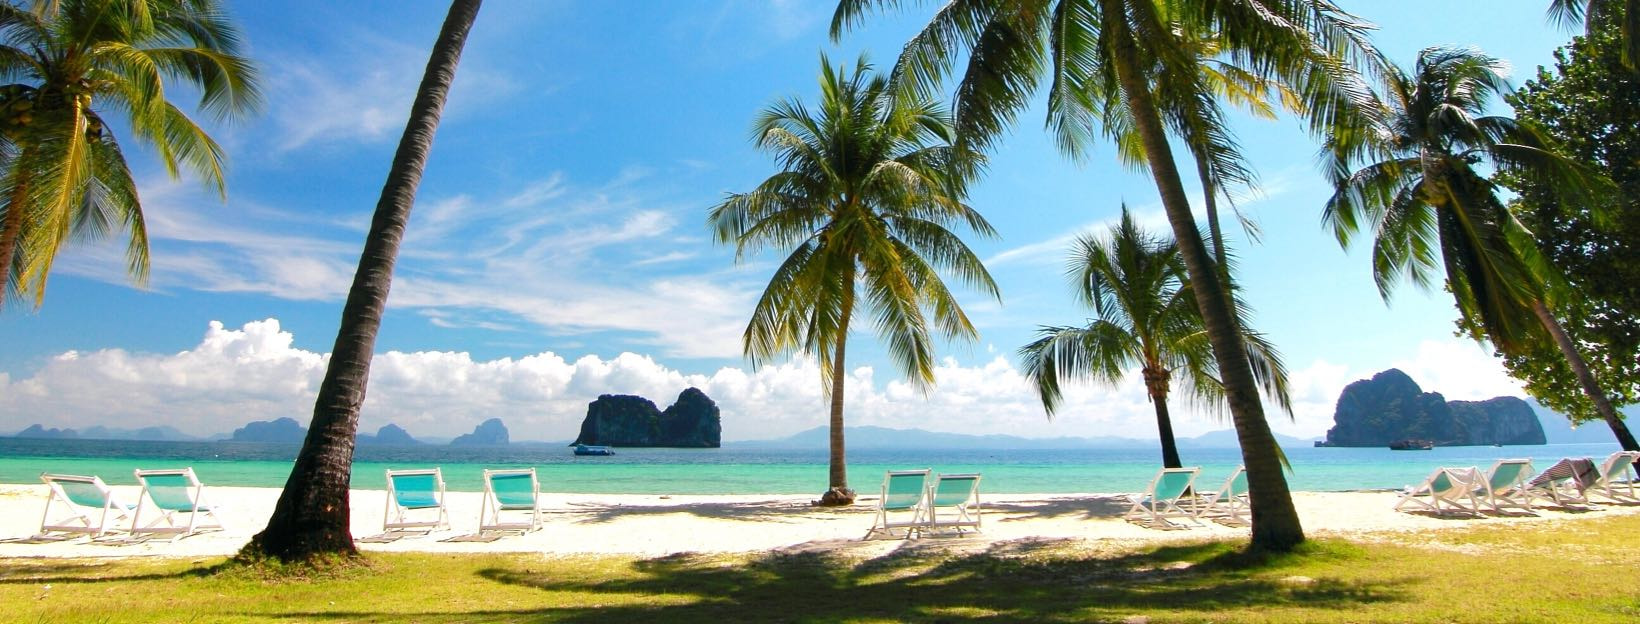 Palmen, Sonne, Strand & mehr: Erstelle einen virtuellen Hintergrund für Zoom Meetings